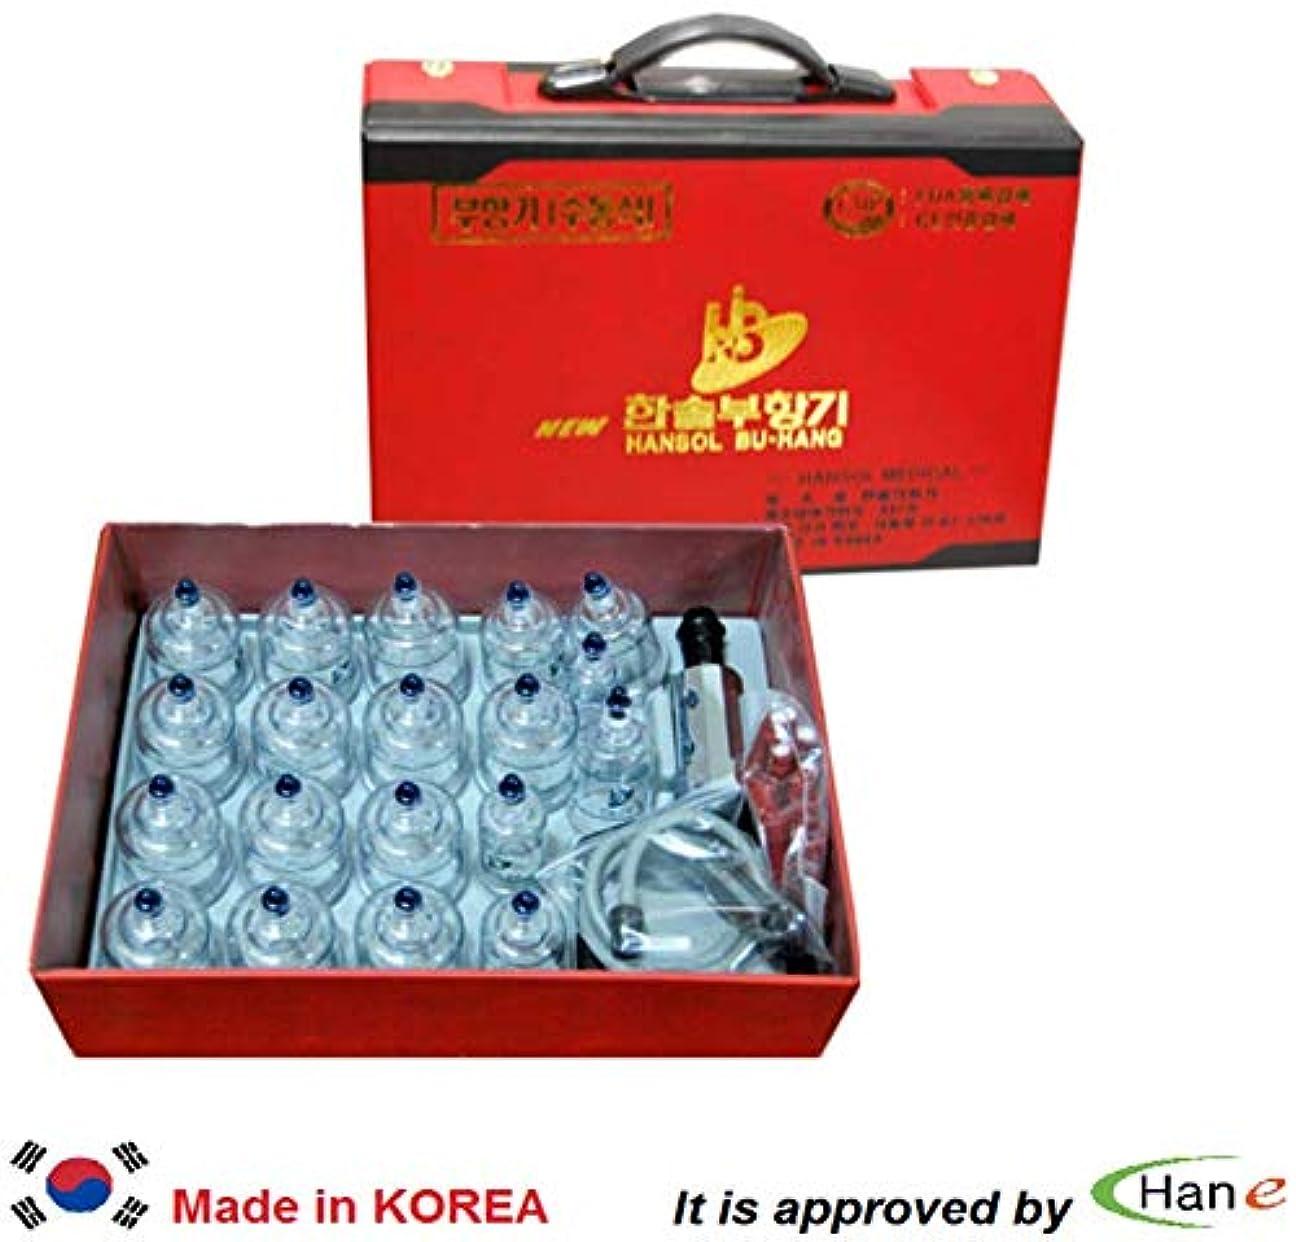 特性ハーブ不調和韓国カッピングセット19カップハンディケース付属カッピングマッサージ真空吸引